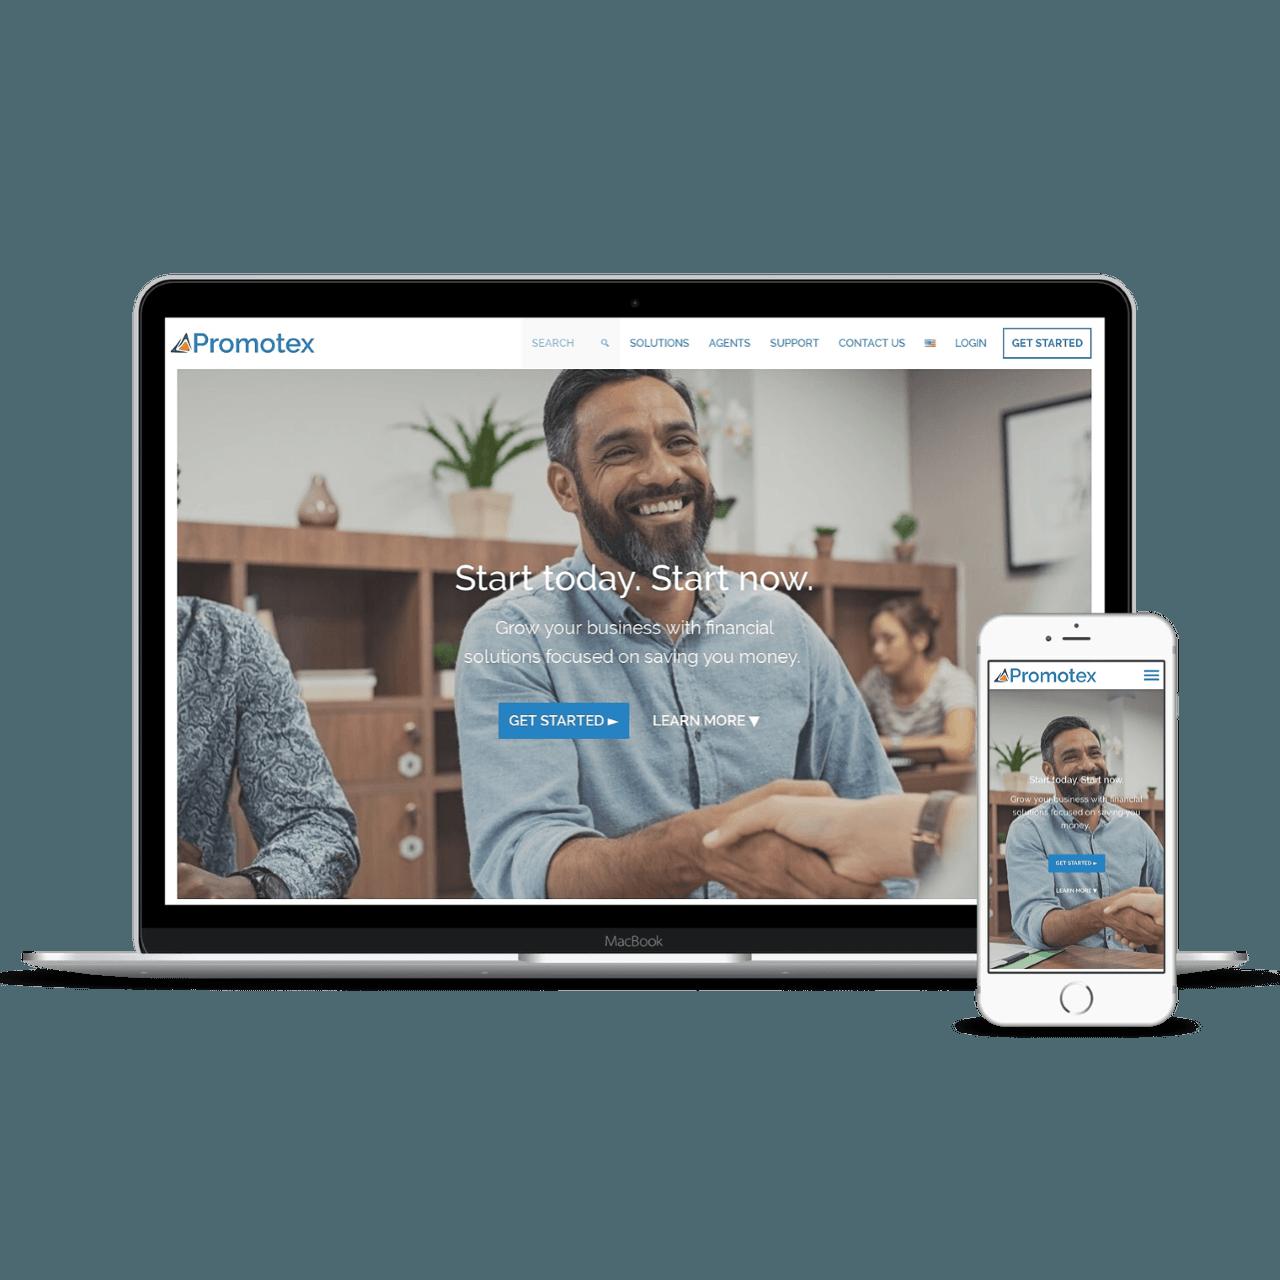 Promotex.com website